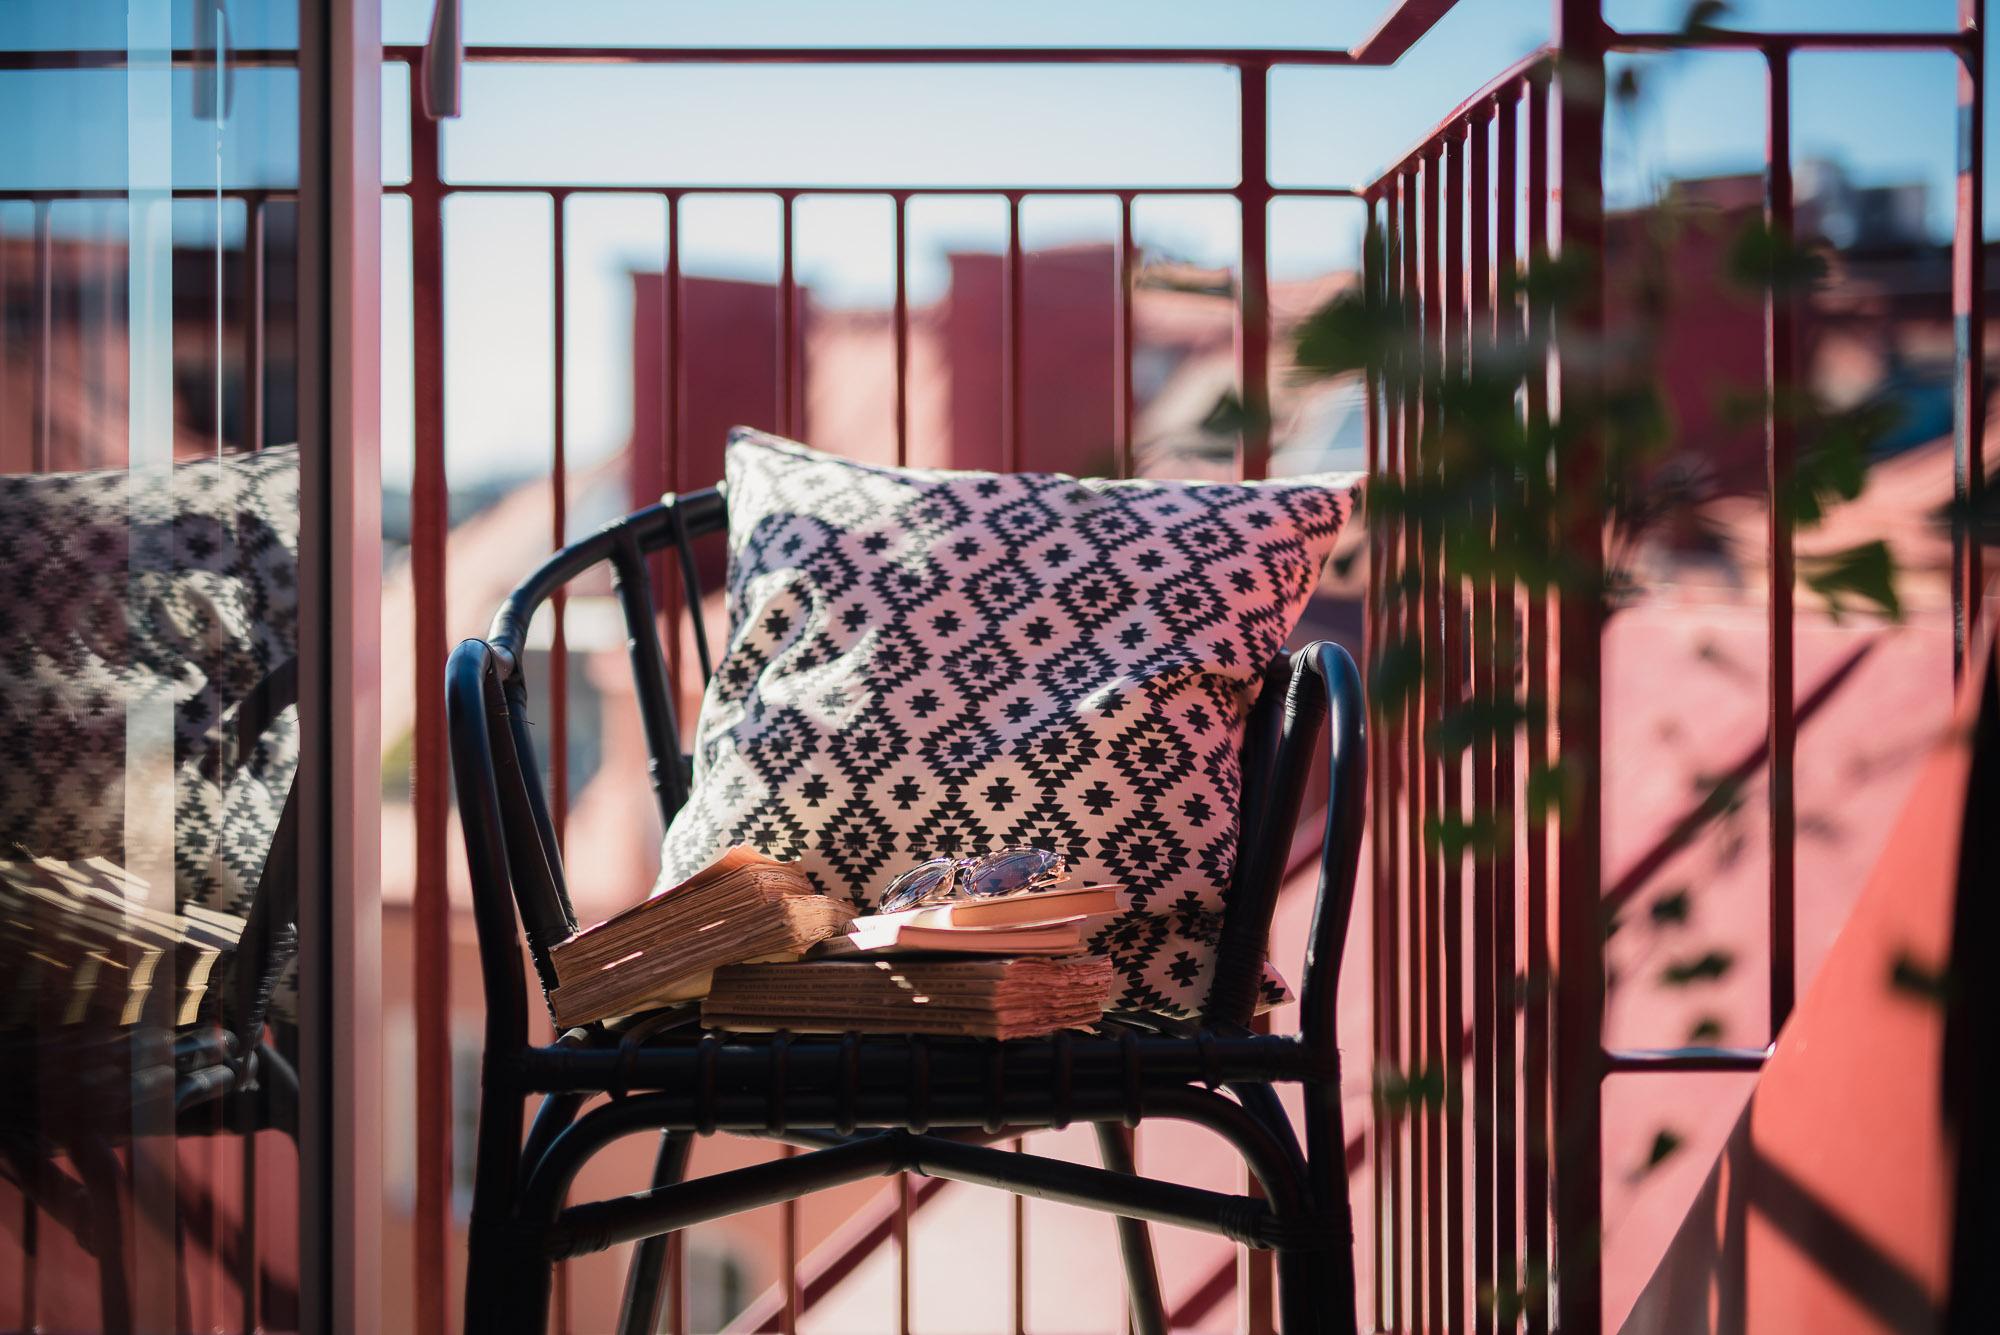 Căn hộ vì Bán tại Lovely penthouse with very good sleeping loft Stockholm, Stockholm Thụy Điển